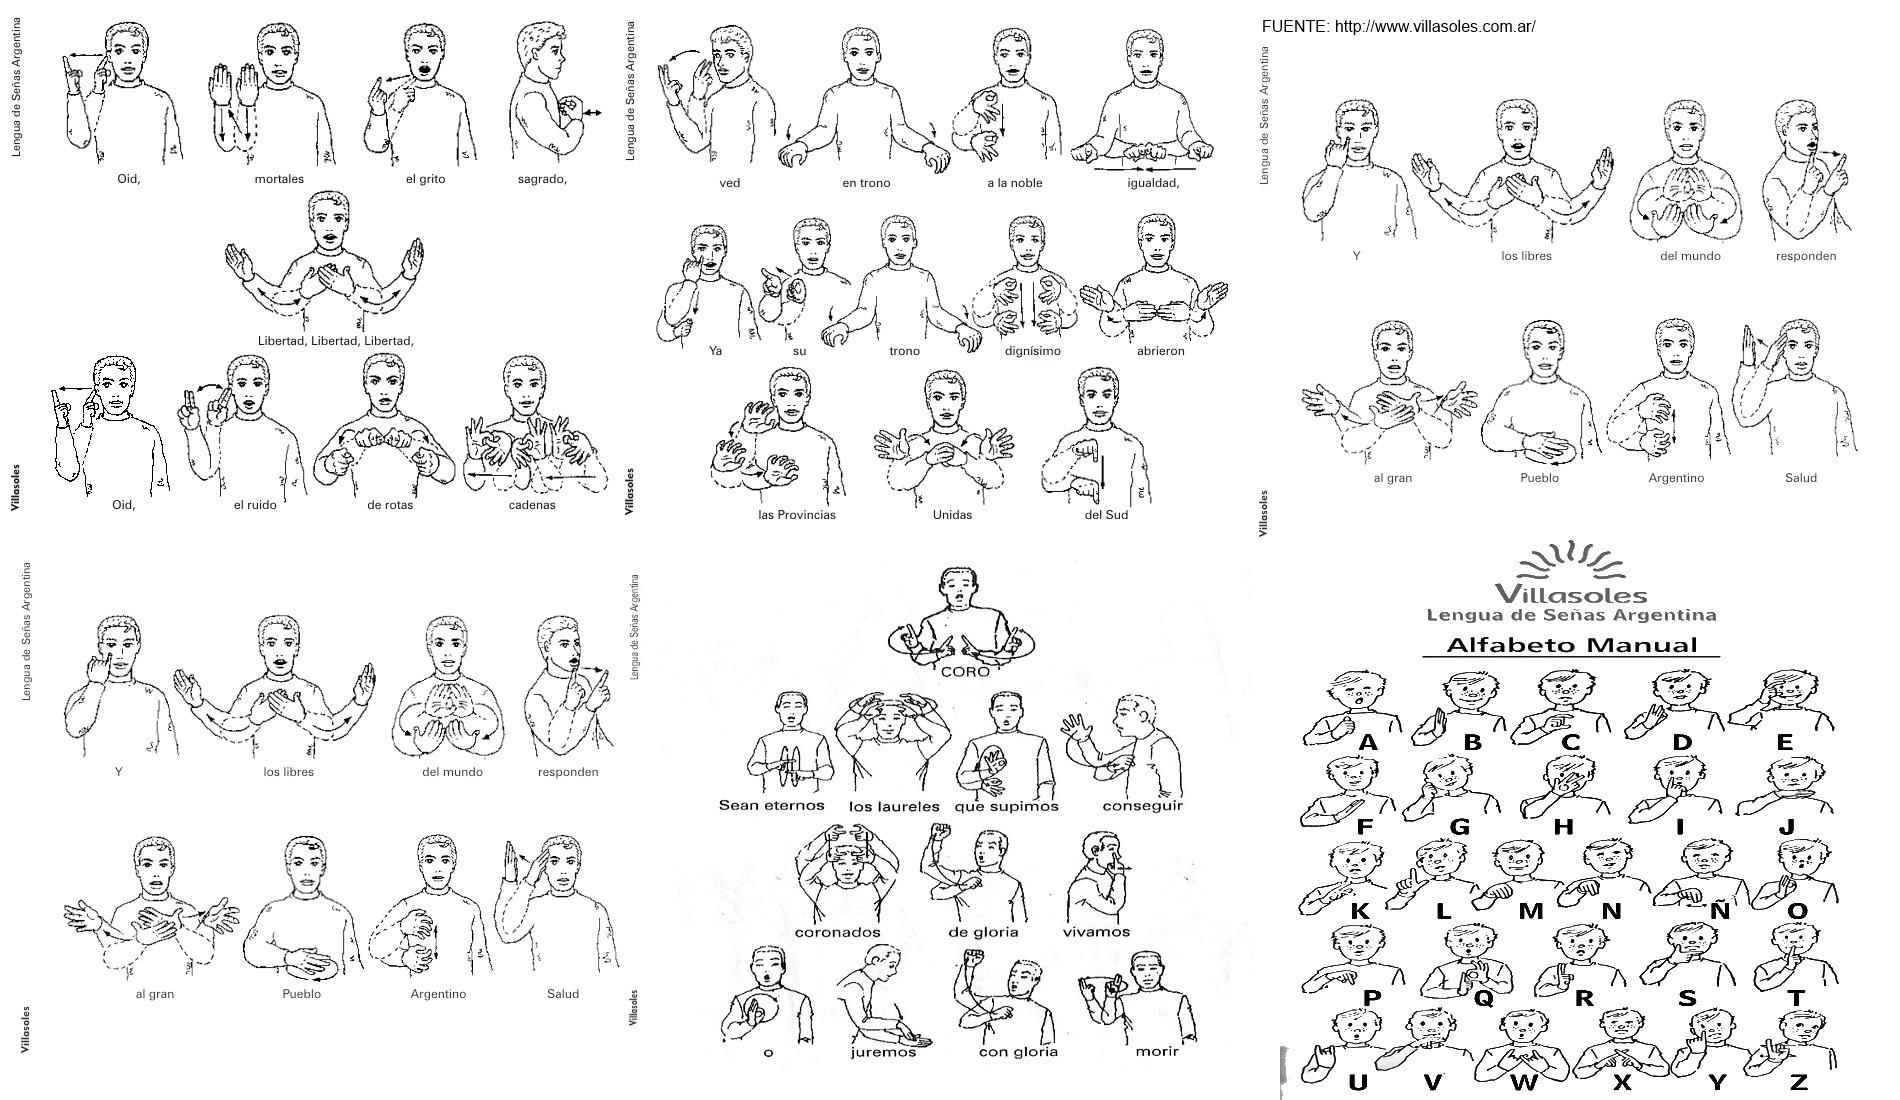 Calendario Mayo 2017 Para Imprimir Niños Más Arriba-a-fecha 2013 Mayo 09 Para Jefaturas Regionales Y Distritales Of Calendario Mayo 2017 Para Imprimir Niños Más Recientes Calendario Septiembre 2018 Creativity Pinterest